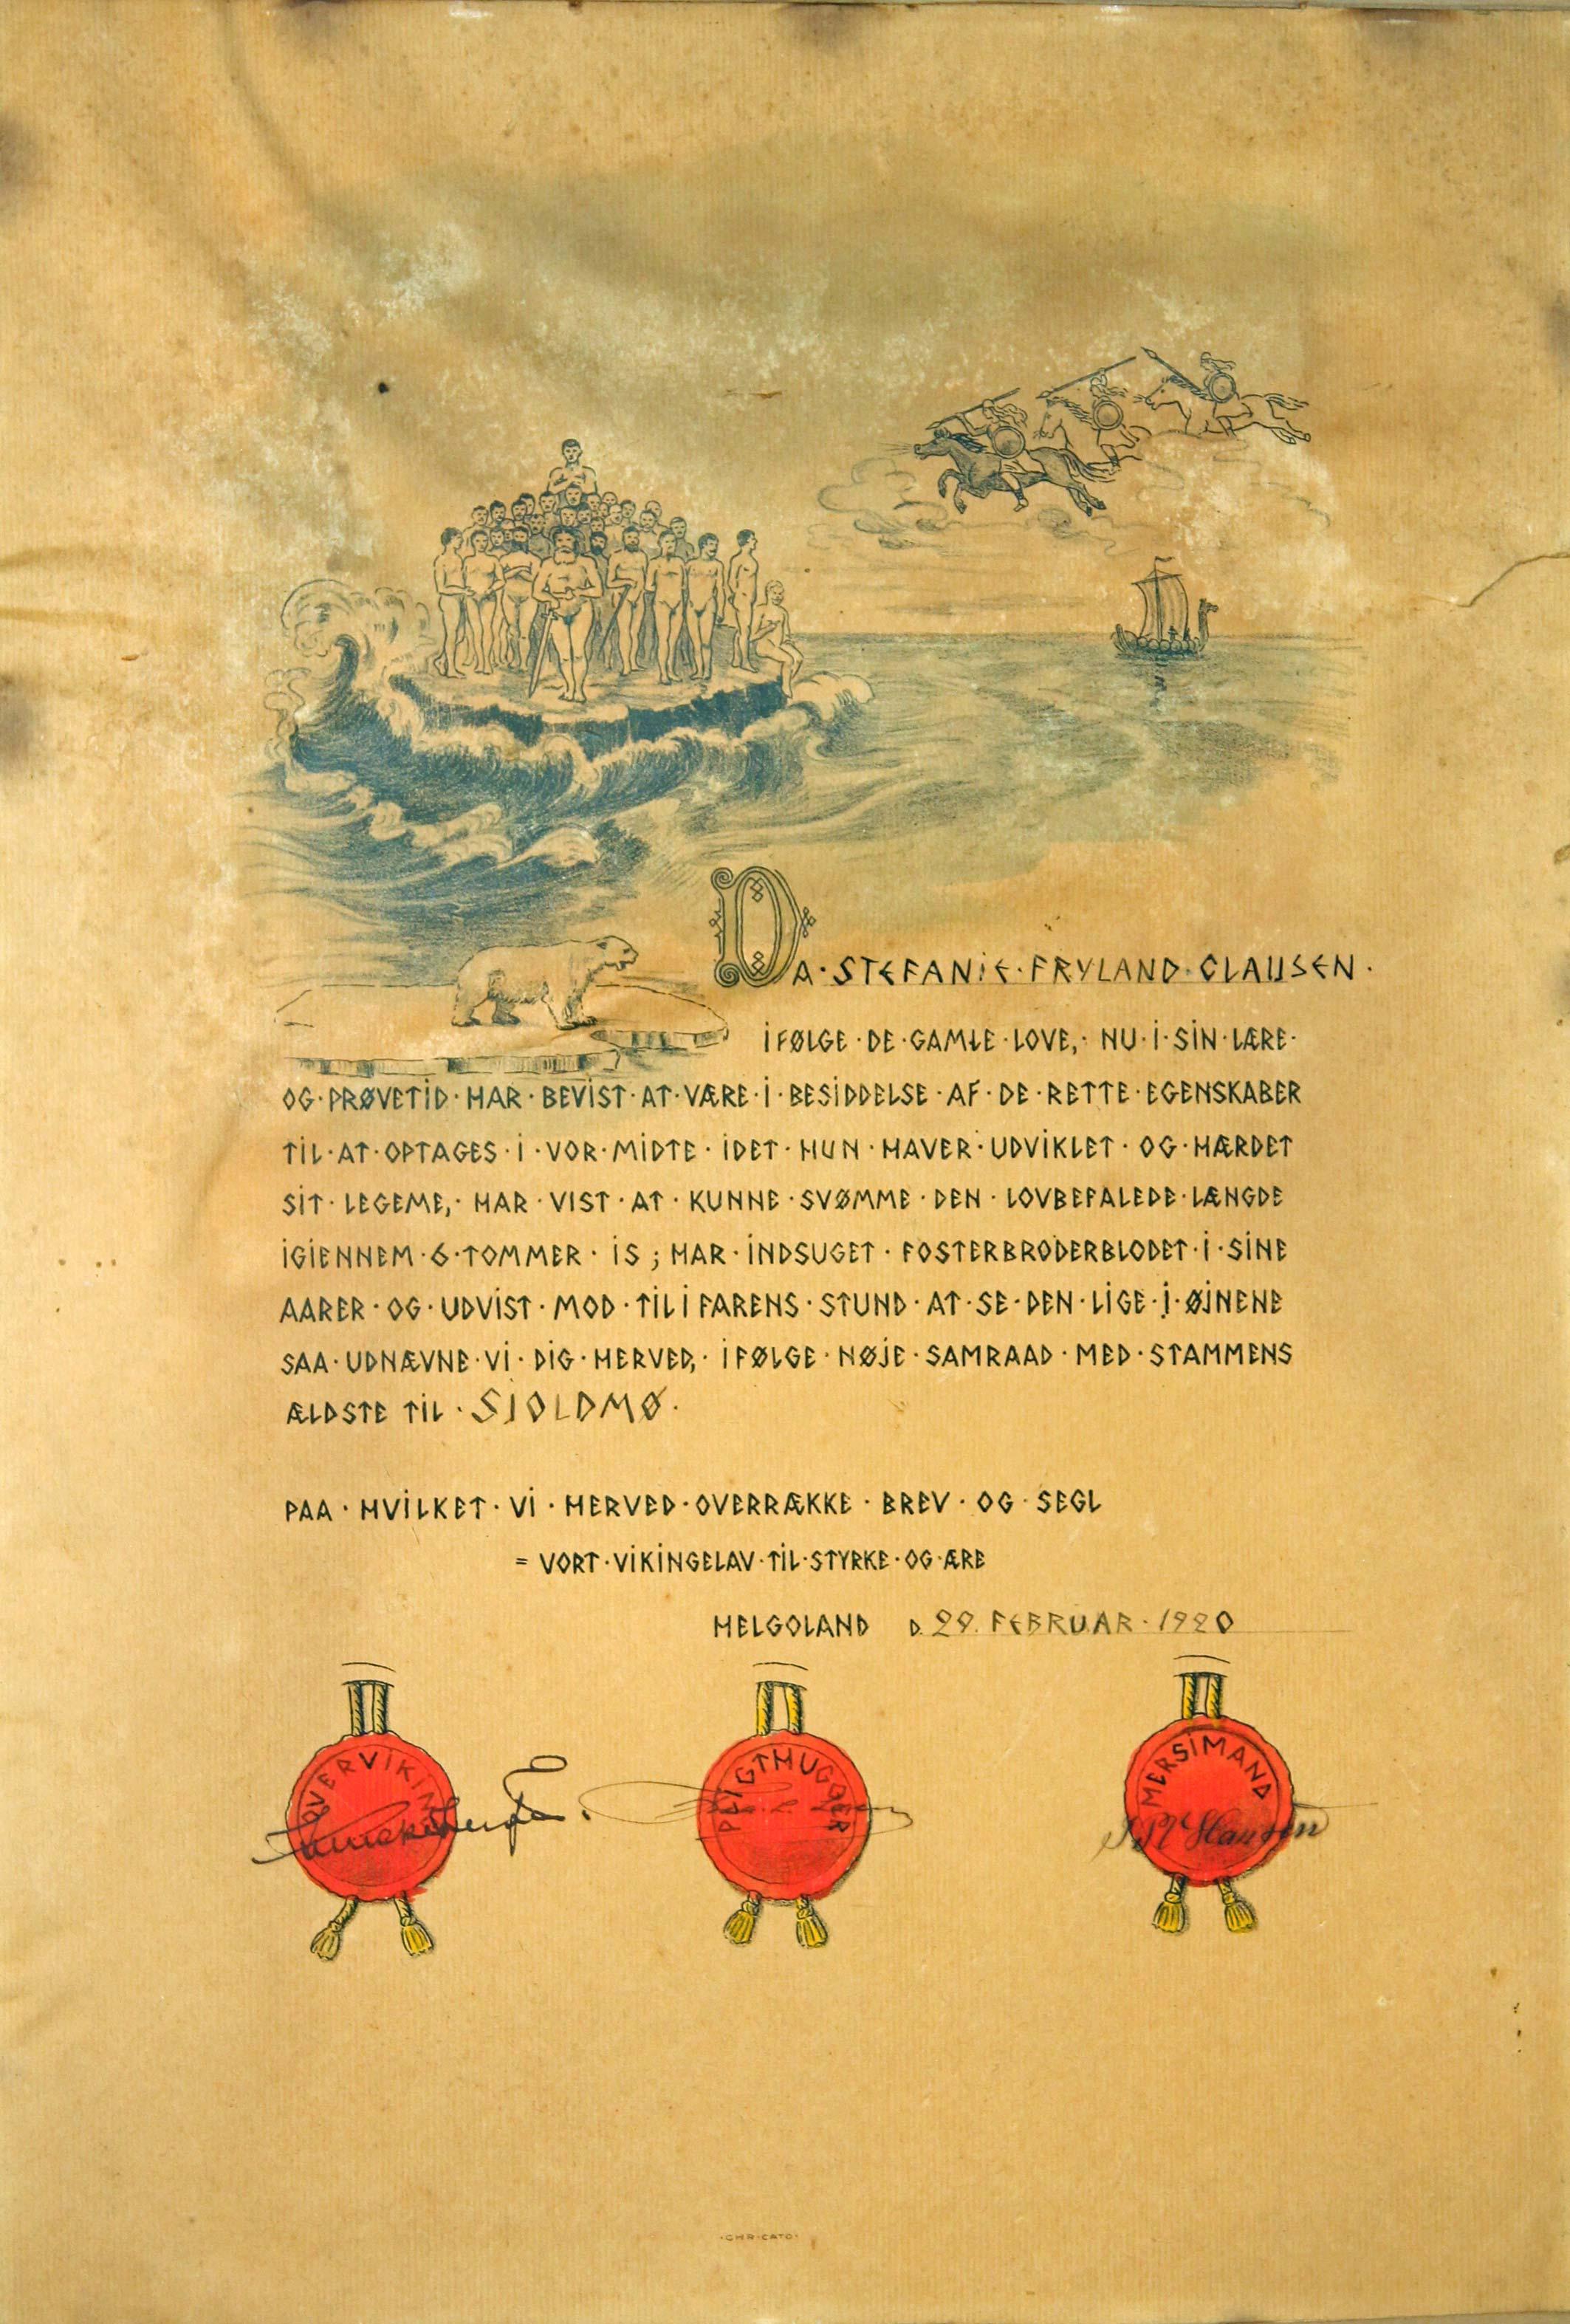 Shield Maiden / Skjoldmø Certificate - 1920 - Stefanie Fryland Clausen